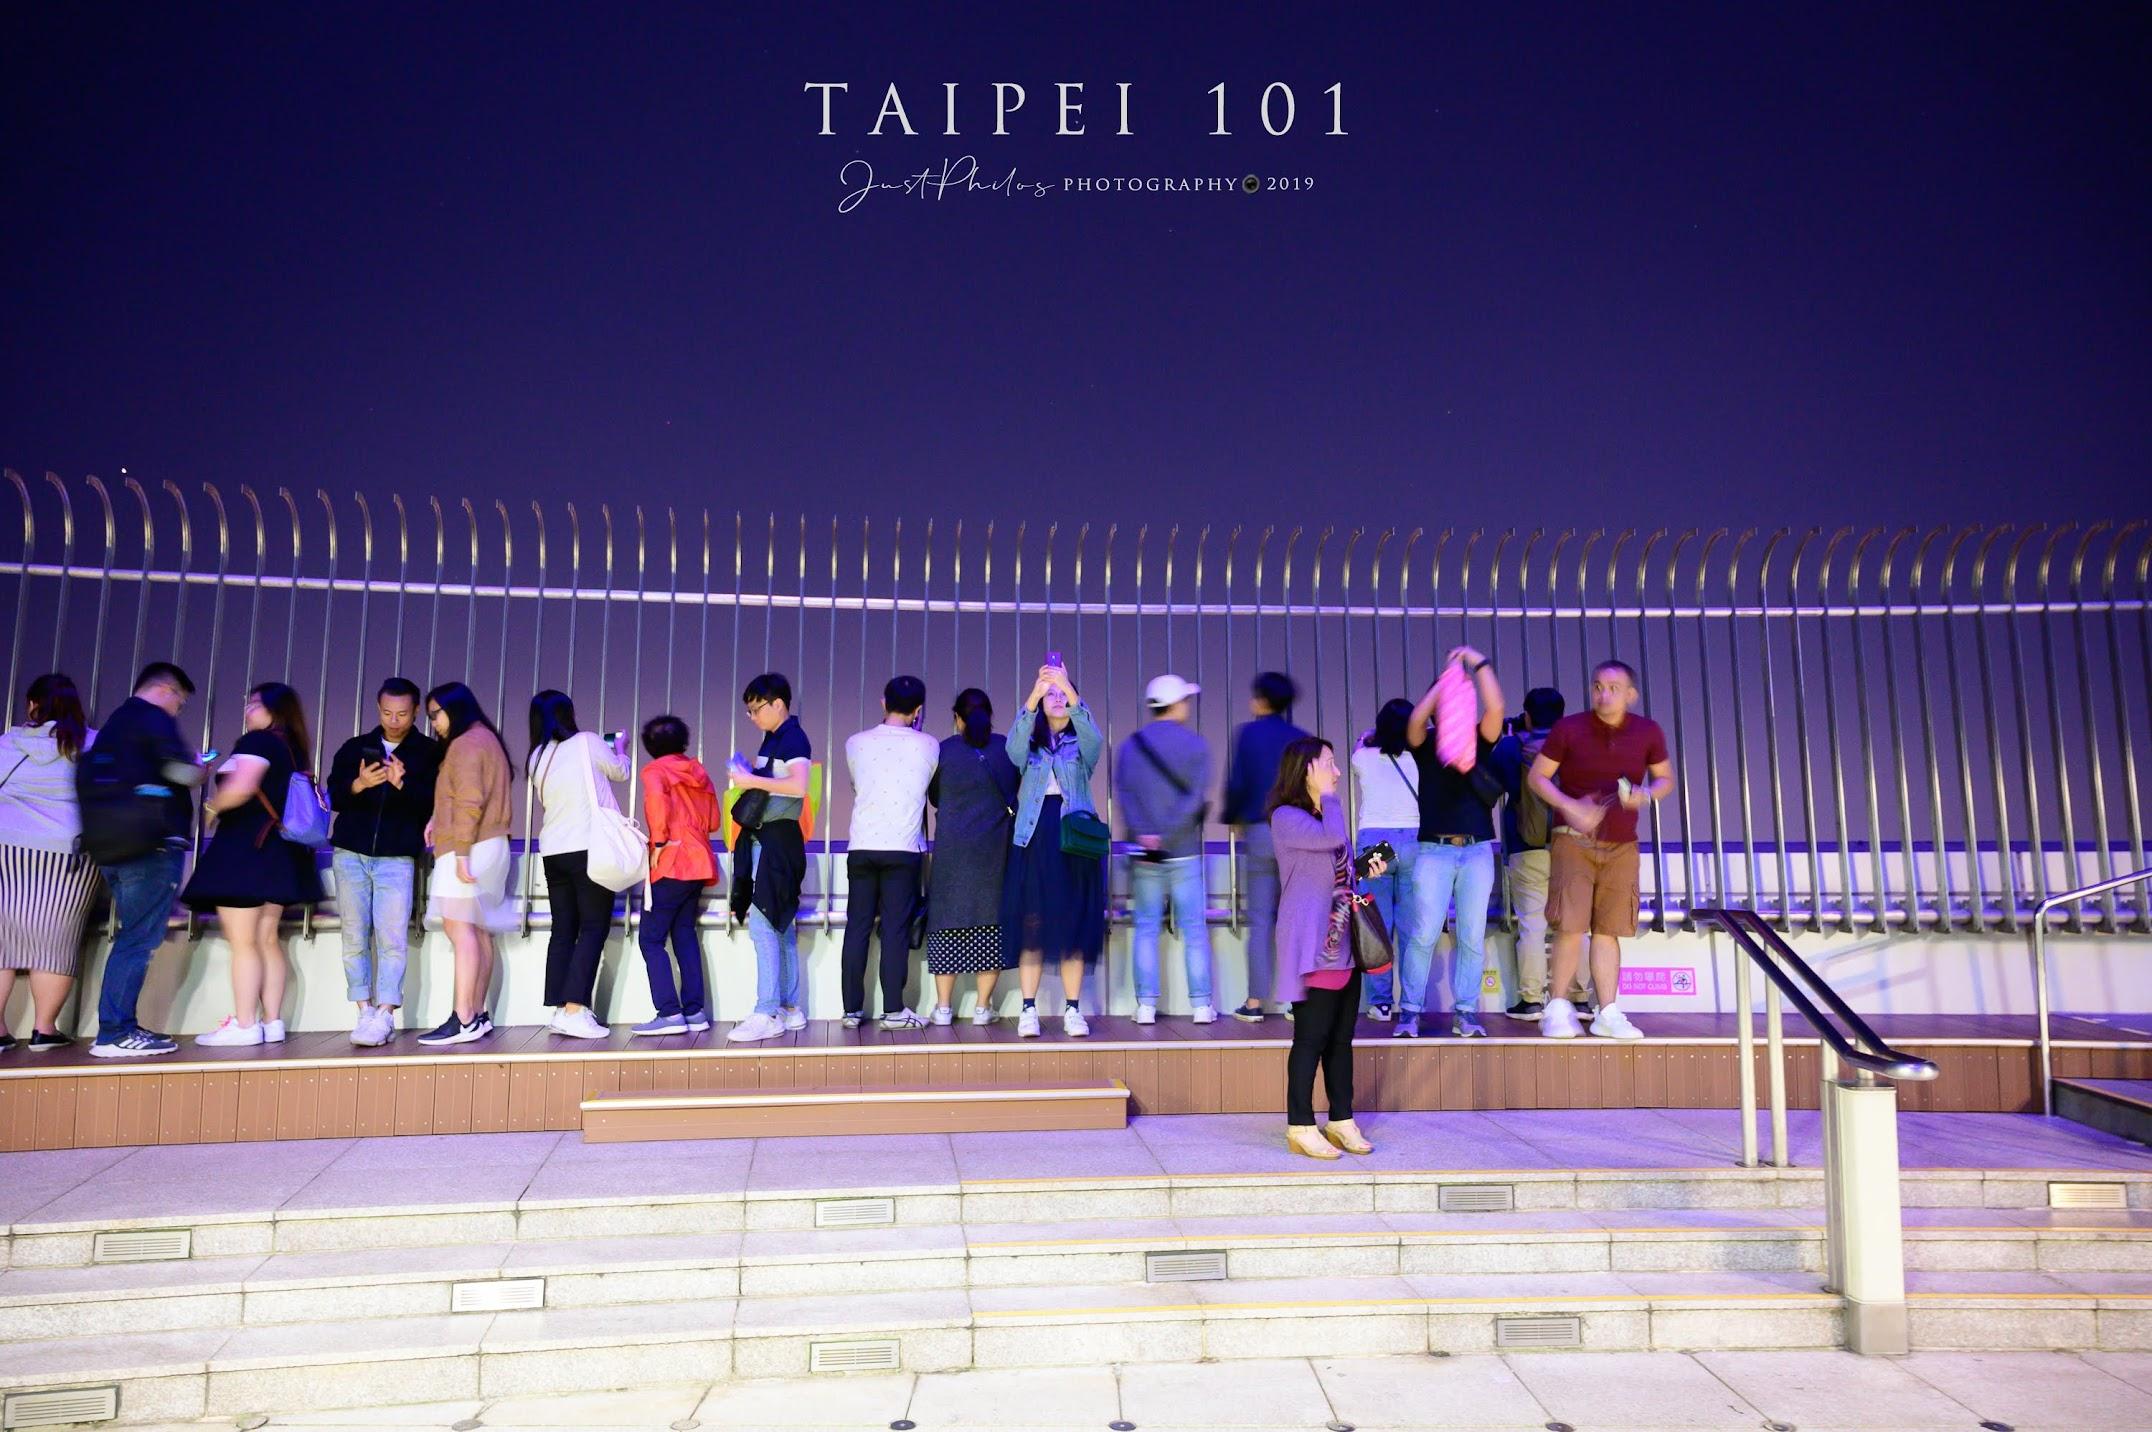 位於台北101觀景台91樓的戶外觀景台,是可以無遮蔽的欣賞台北市景與夜景的部分,是很值得一訪的地方。